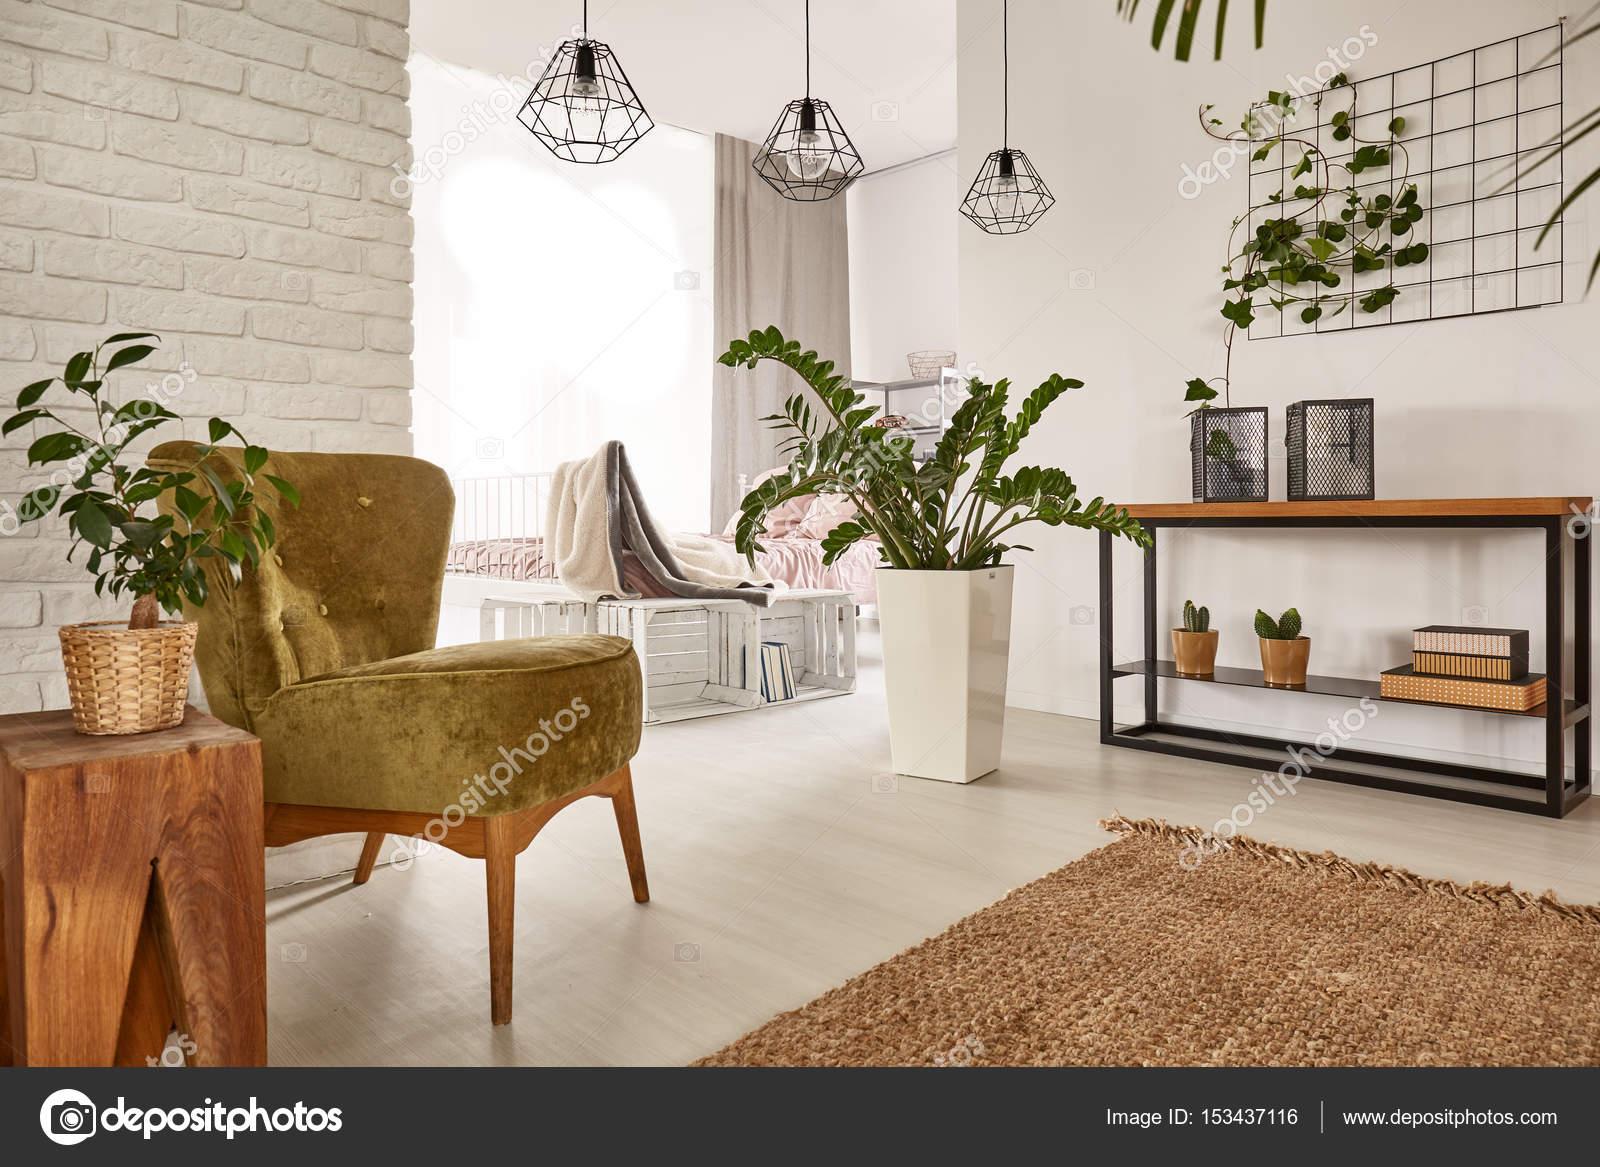 Wohnzimmer Mit Holzmöbeln U2014 Stockfoto